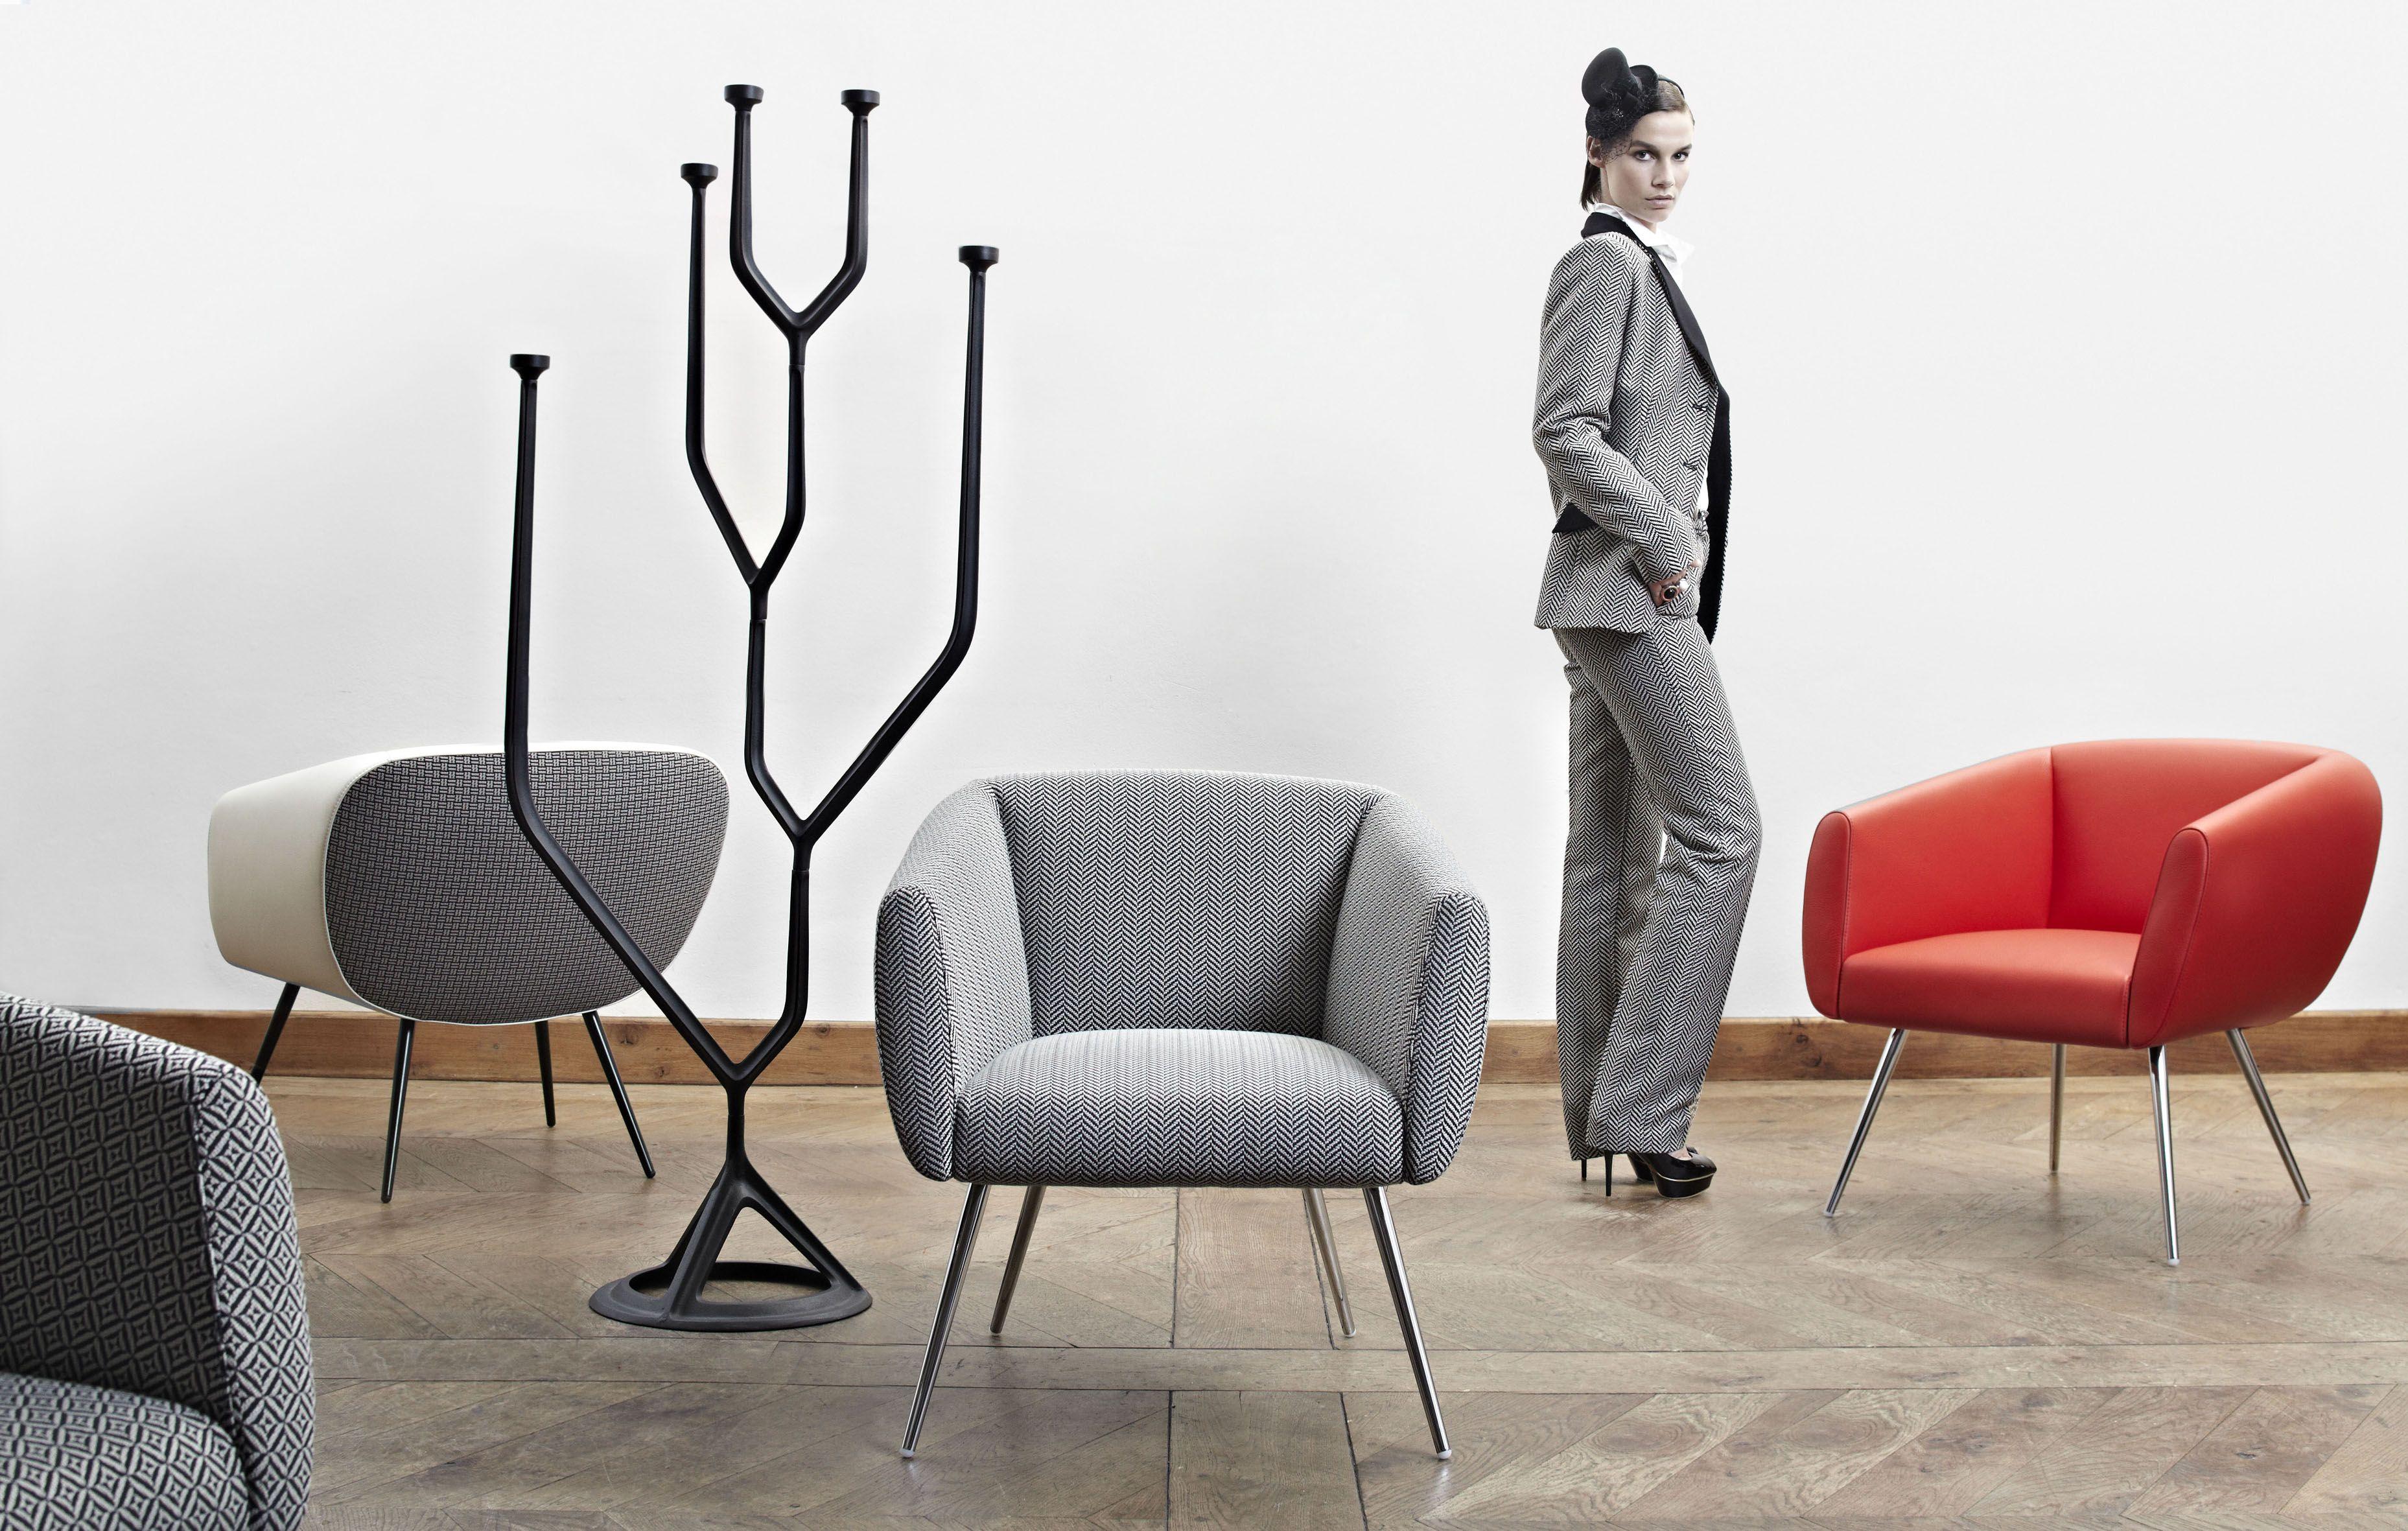 Mundo Koltuk Leolux Addresistanbul With Images Eames Lounge Chair Eames Lounge Lounge Chair